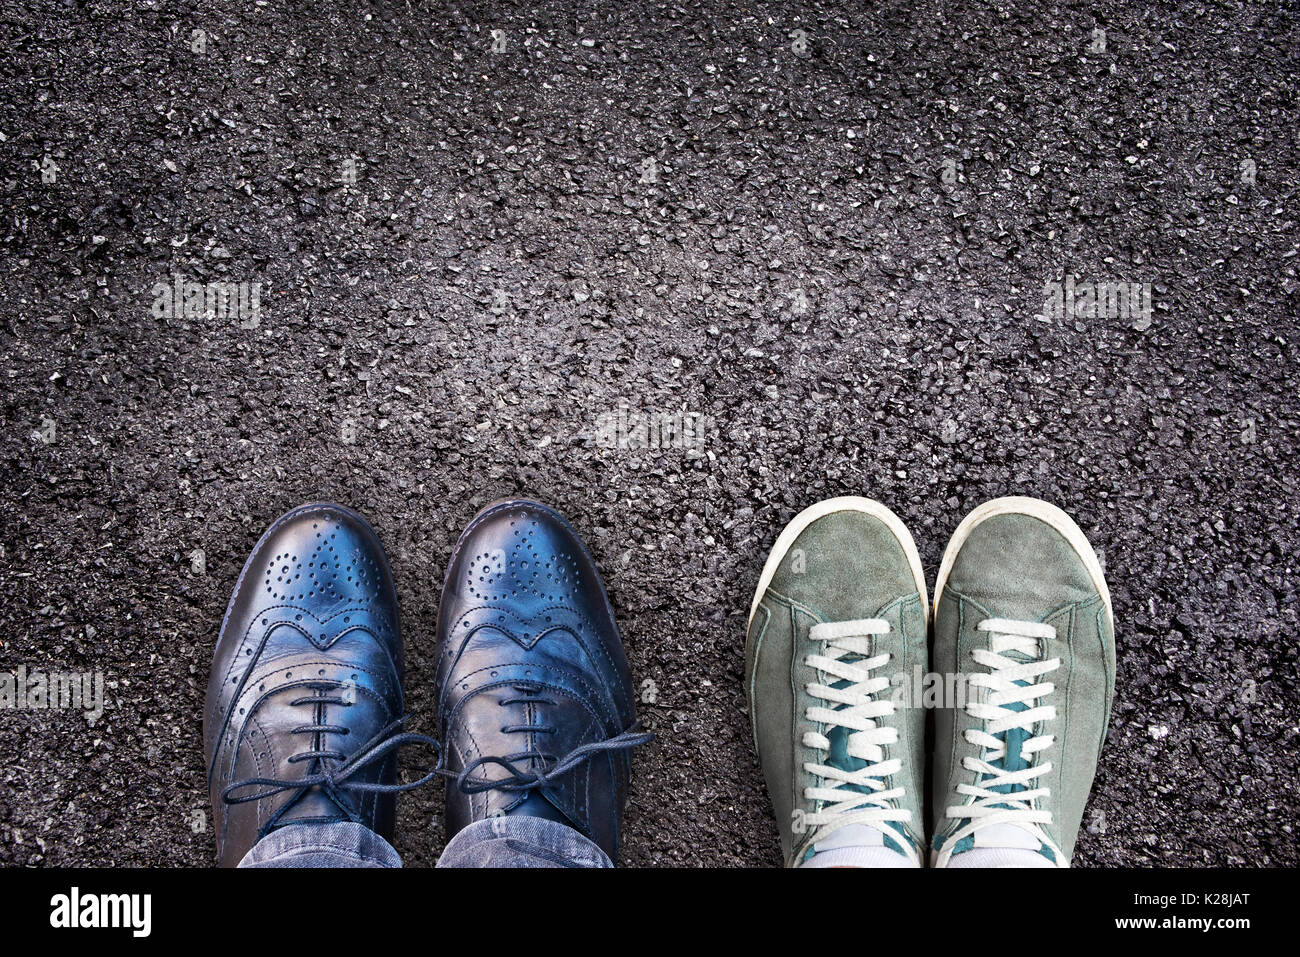 Zapatillas y zapatos de negocios al lado de la otra en el asfalto, el equilibrio de la vida laboral concepto Imagen De Stock